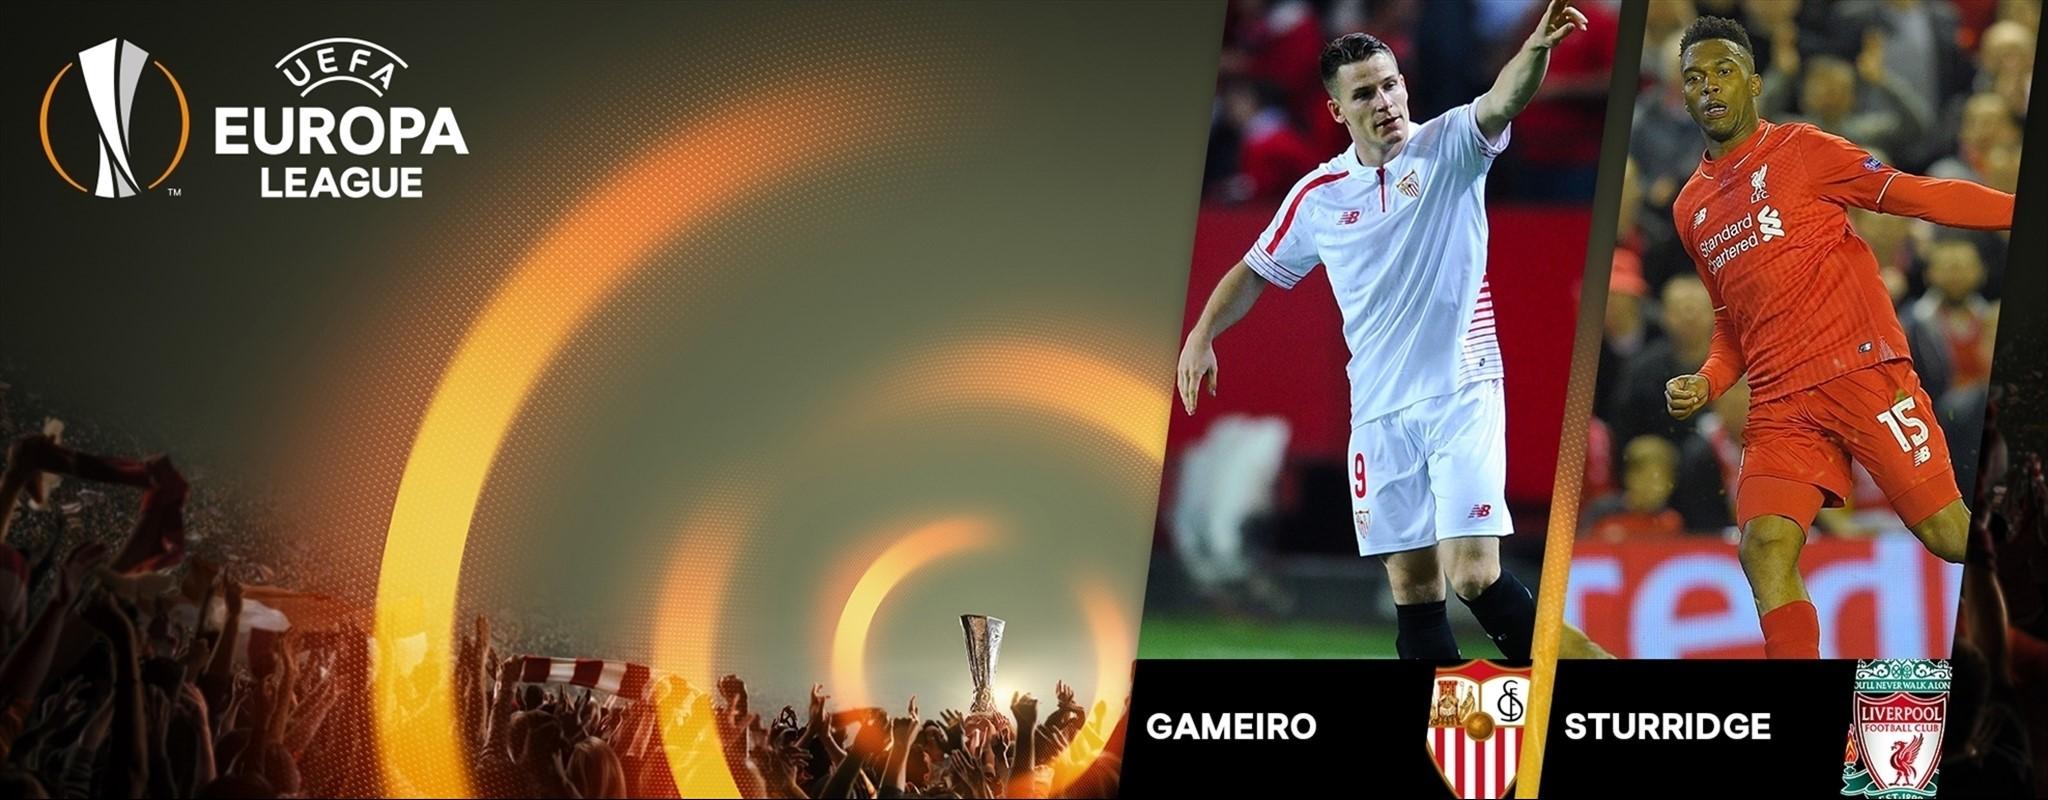 Europa League : Liverpool - Séville, les finalistes